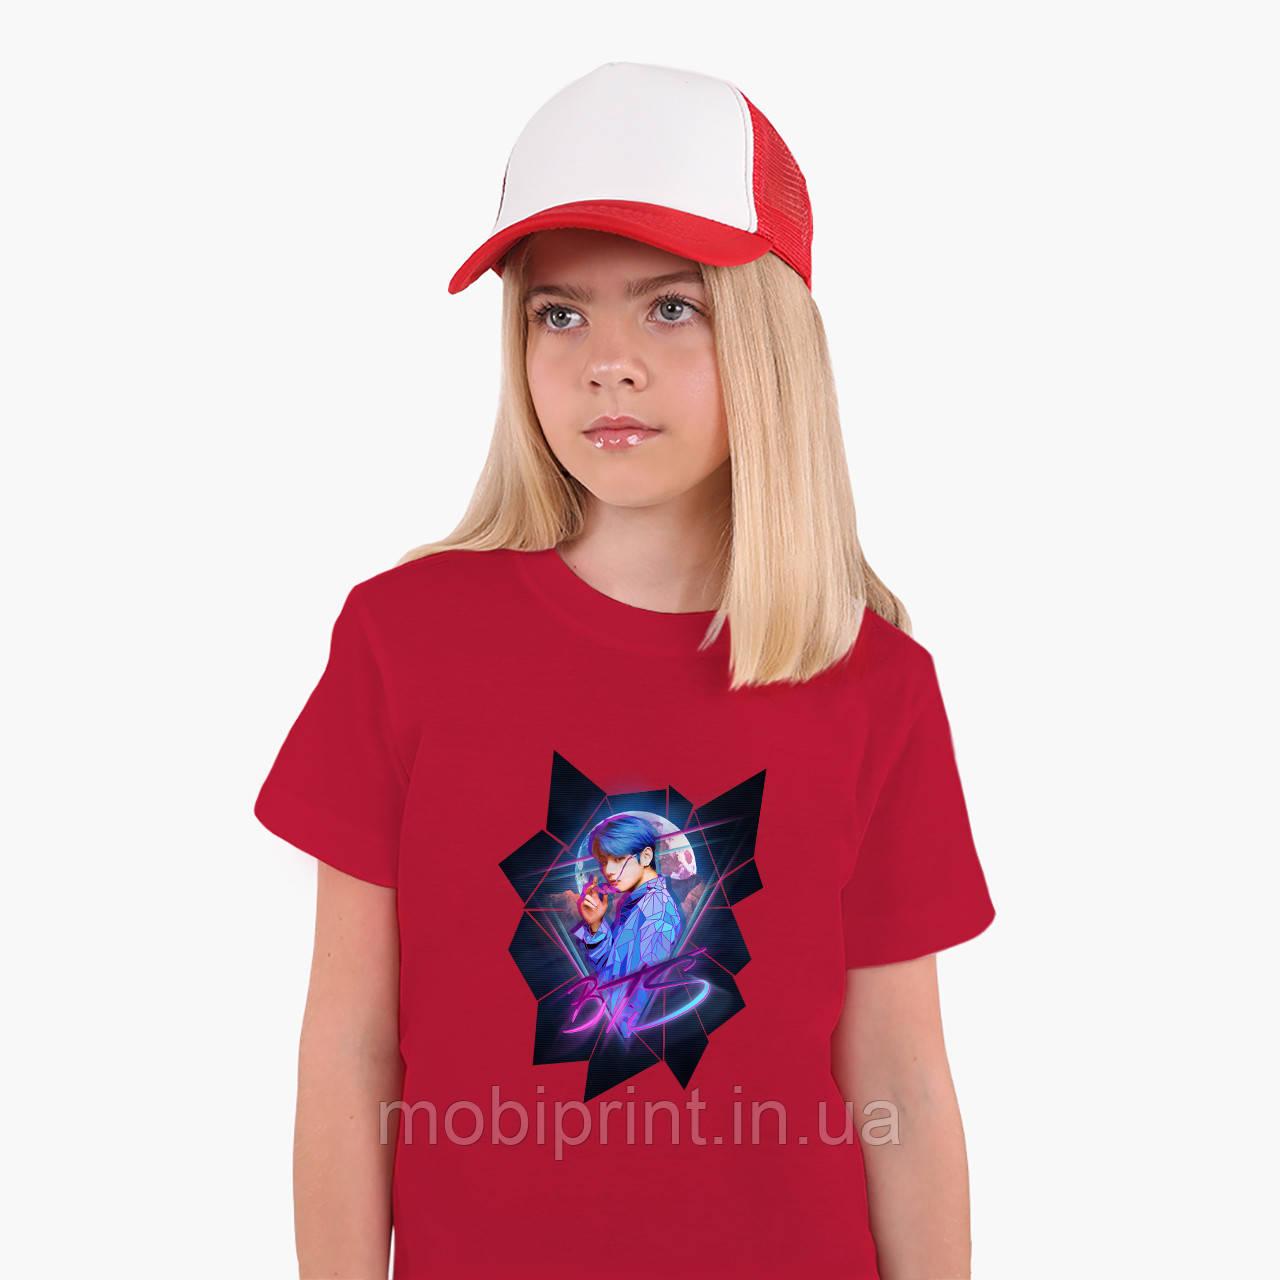 Детская футболка для девочек БТС (BTS) (25186-1067) Красный